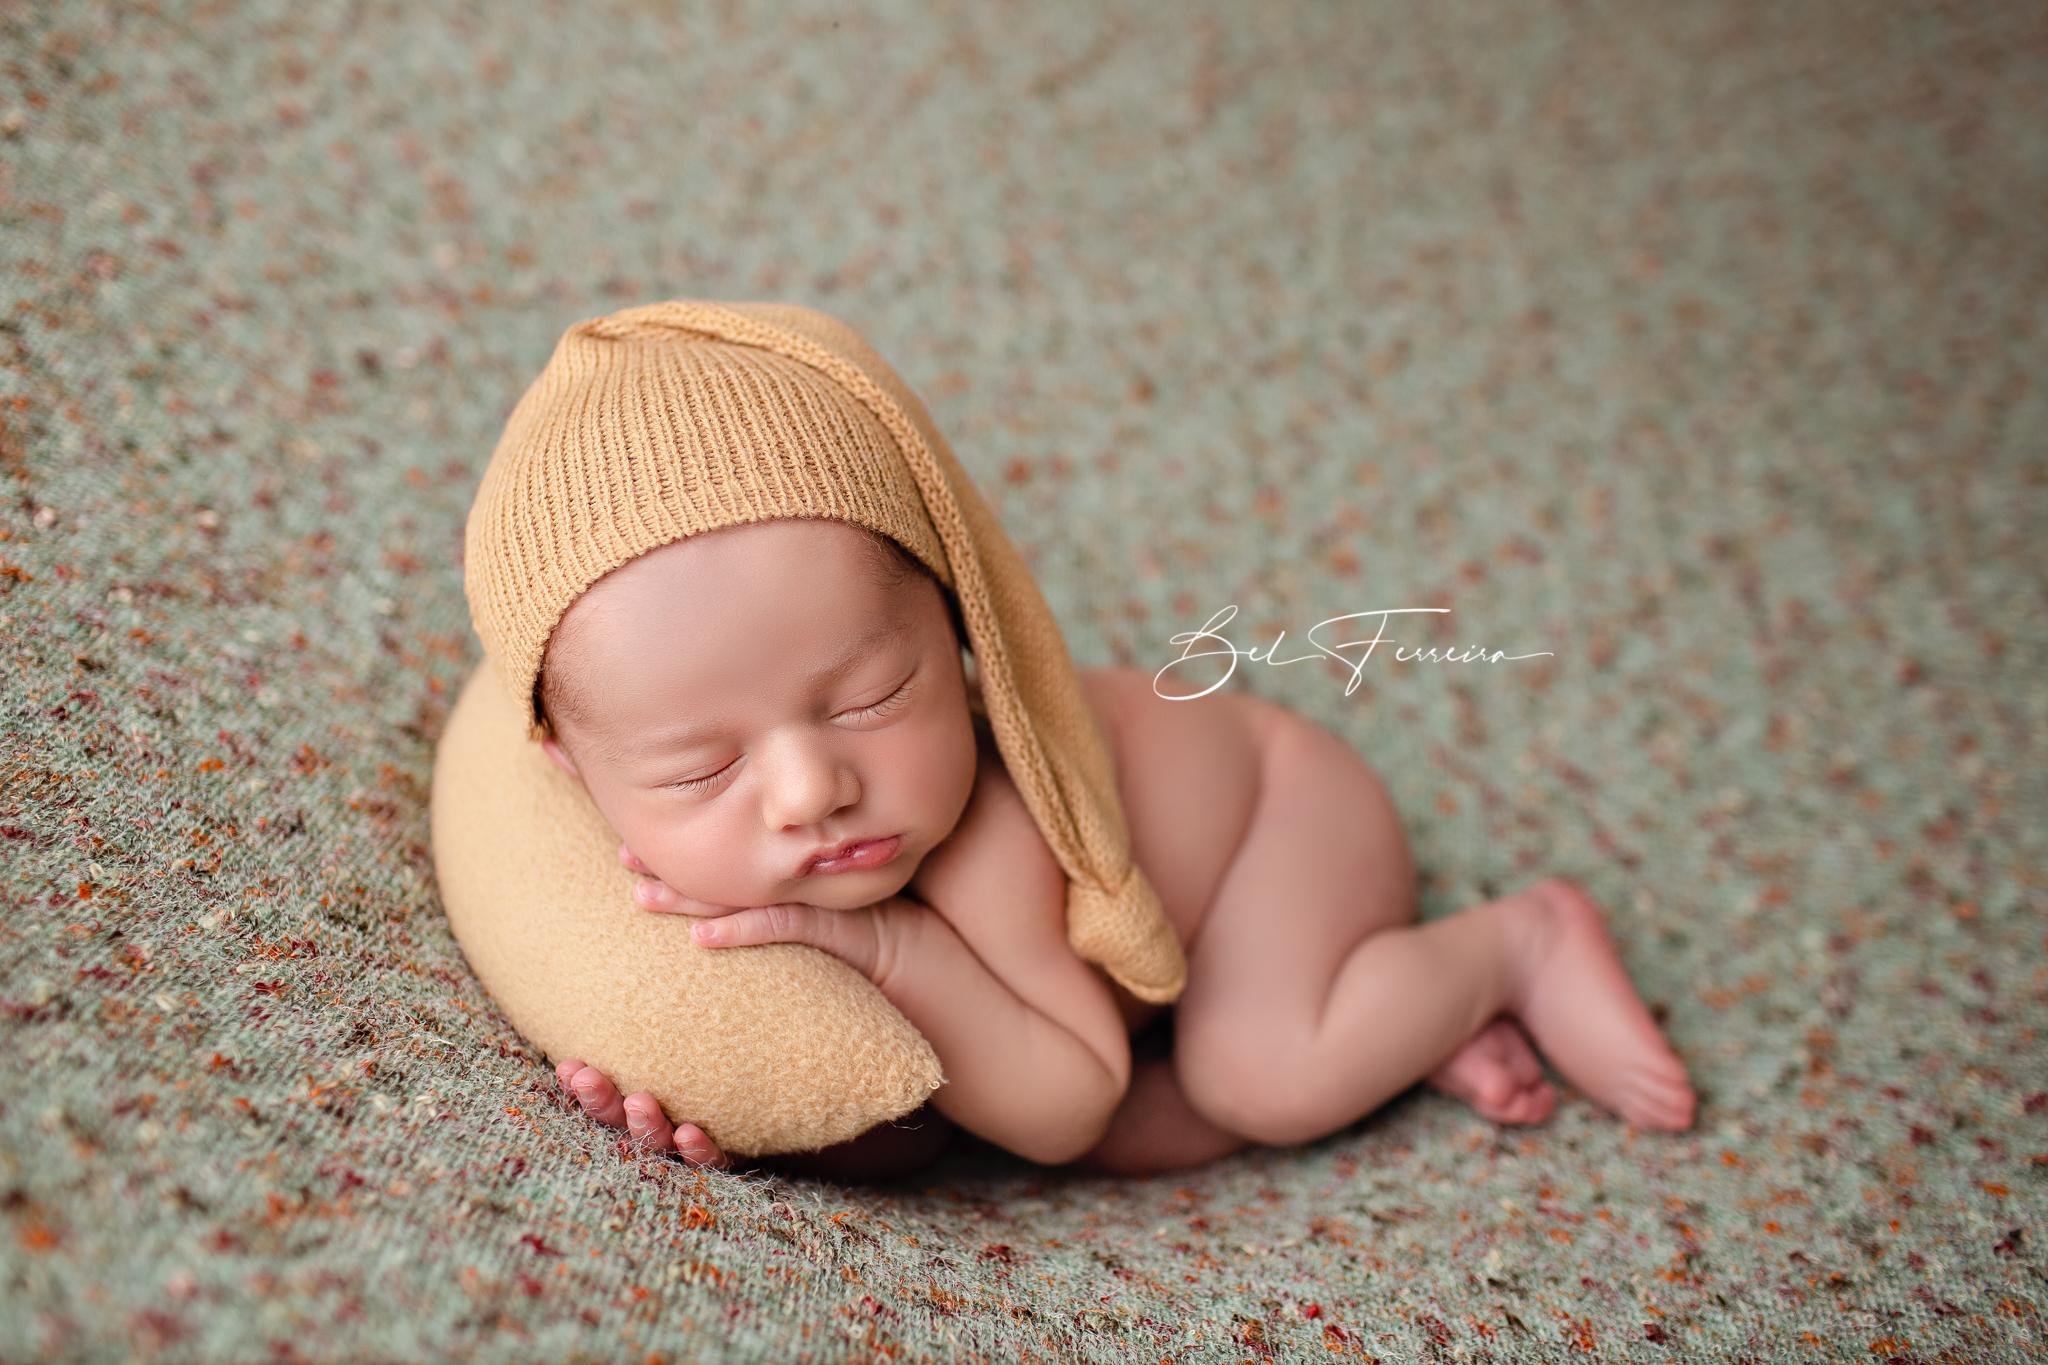 Contate Bel Ferreira - Referência em fotografia newborn e família - Curitiba PR